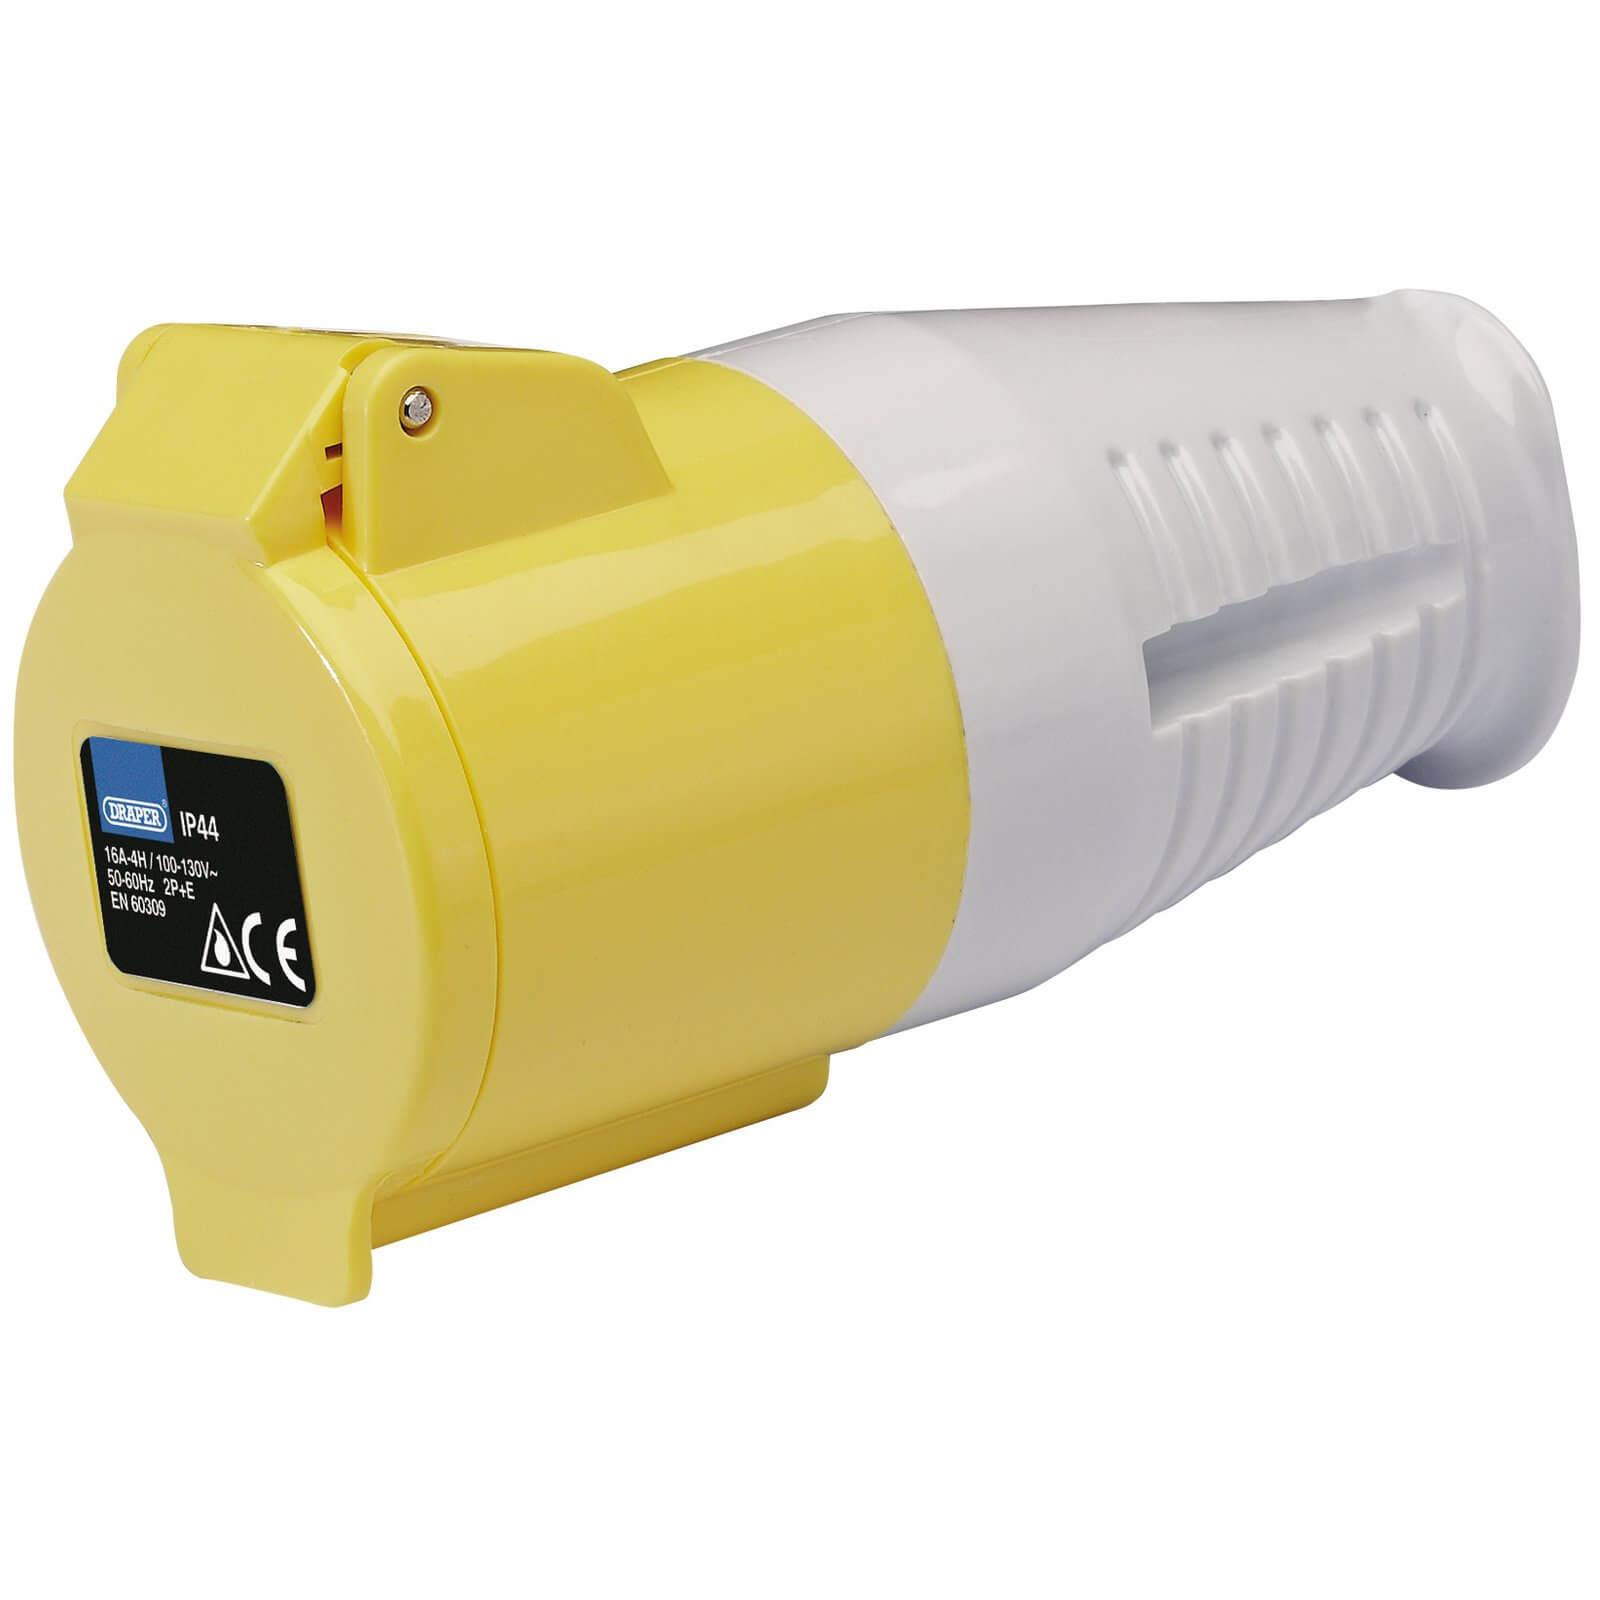 Draper 110V 16A Site Socket